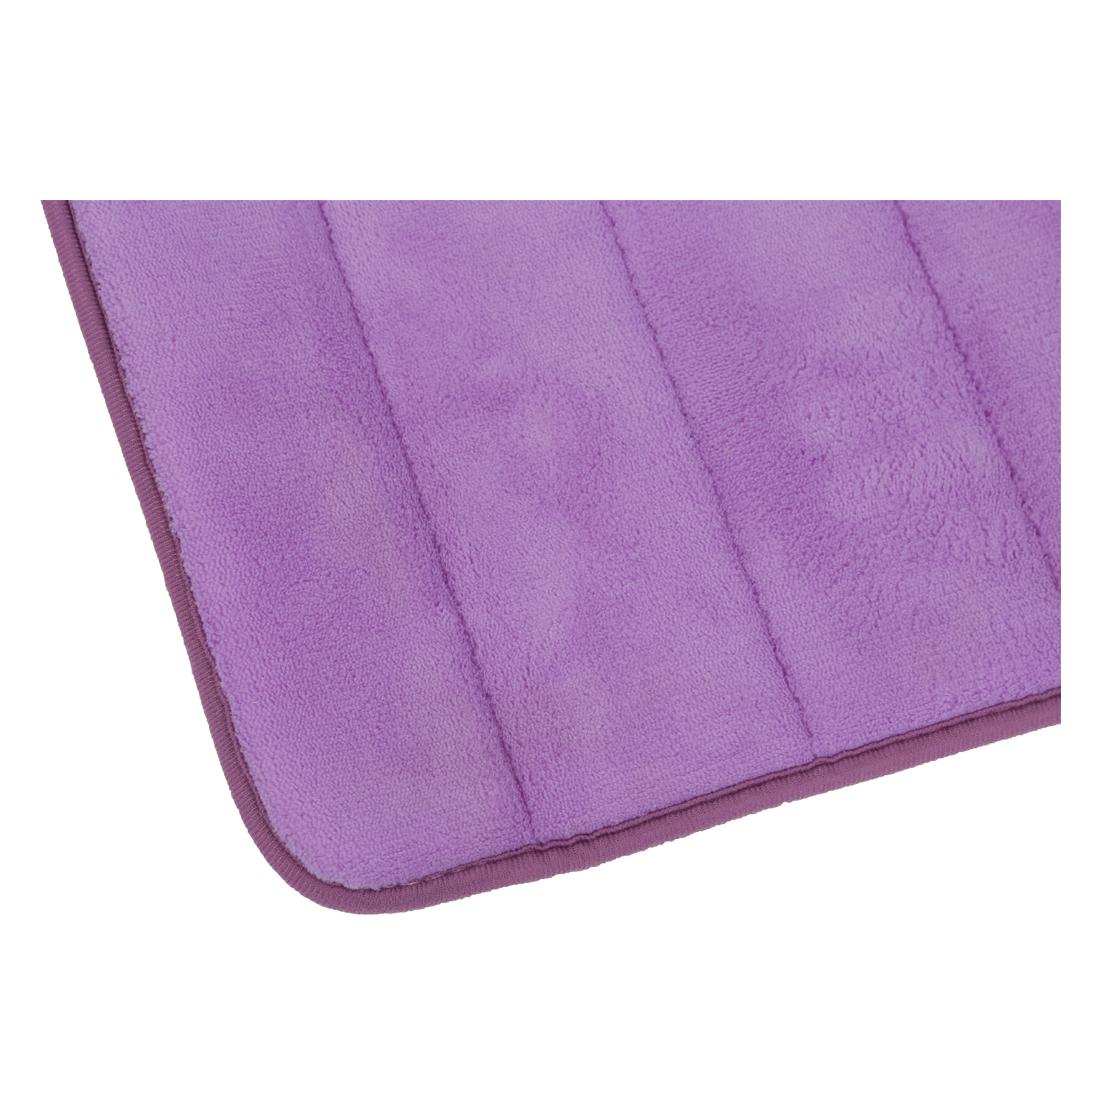 tapis de bain mousse a memoire antiderapant 50 80 coton absorbant super z5j8 ebay. Black Bedroom Furniture Sets. Home Design Ideas